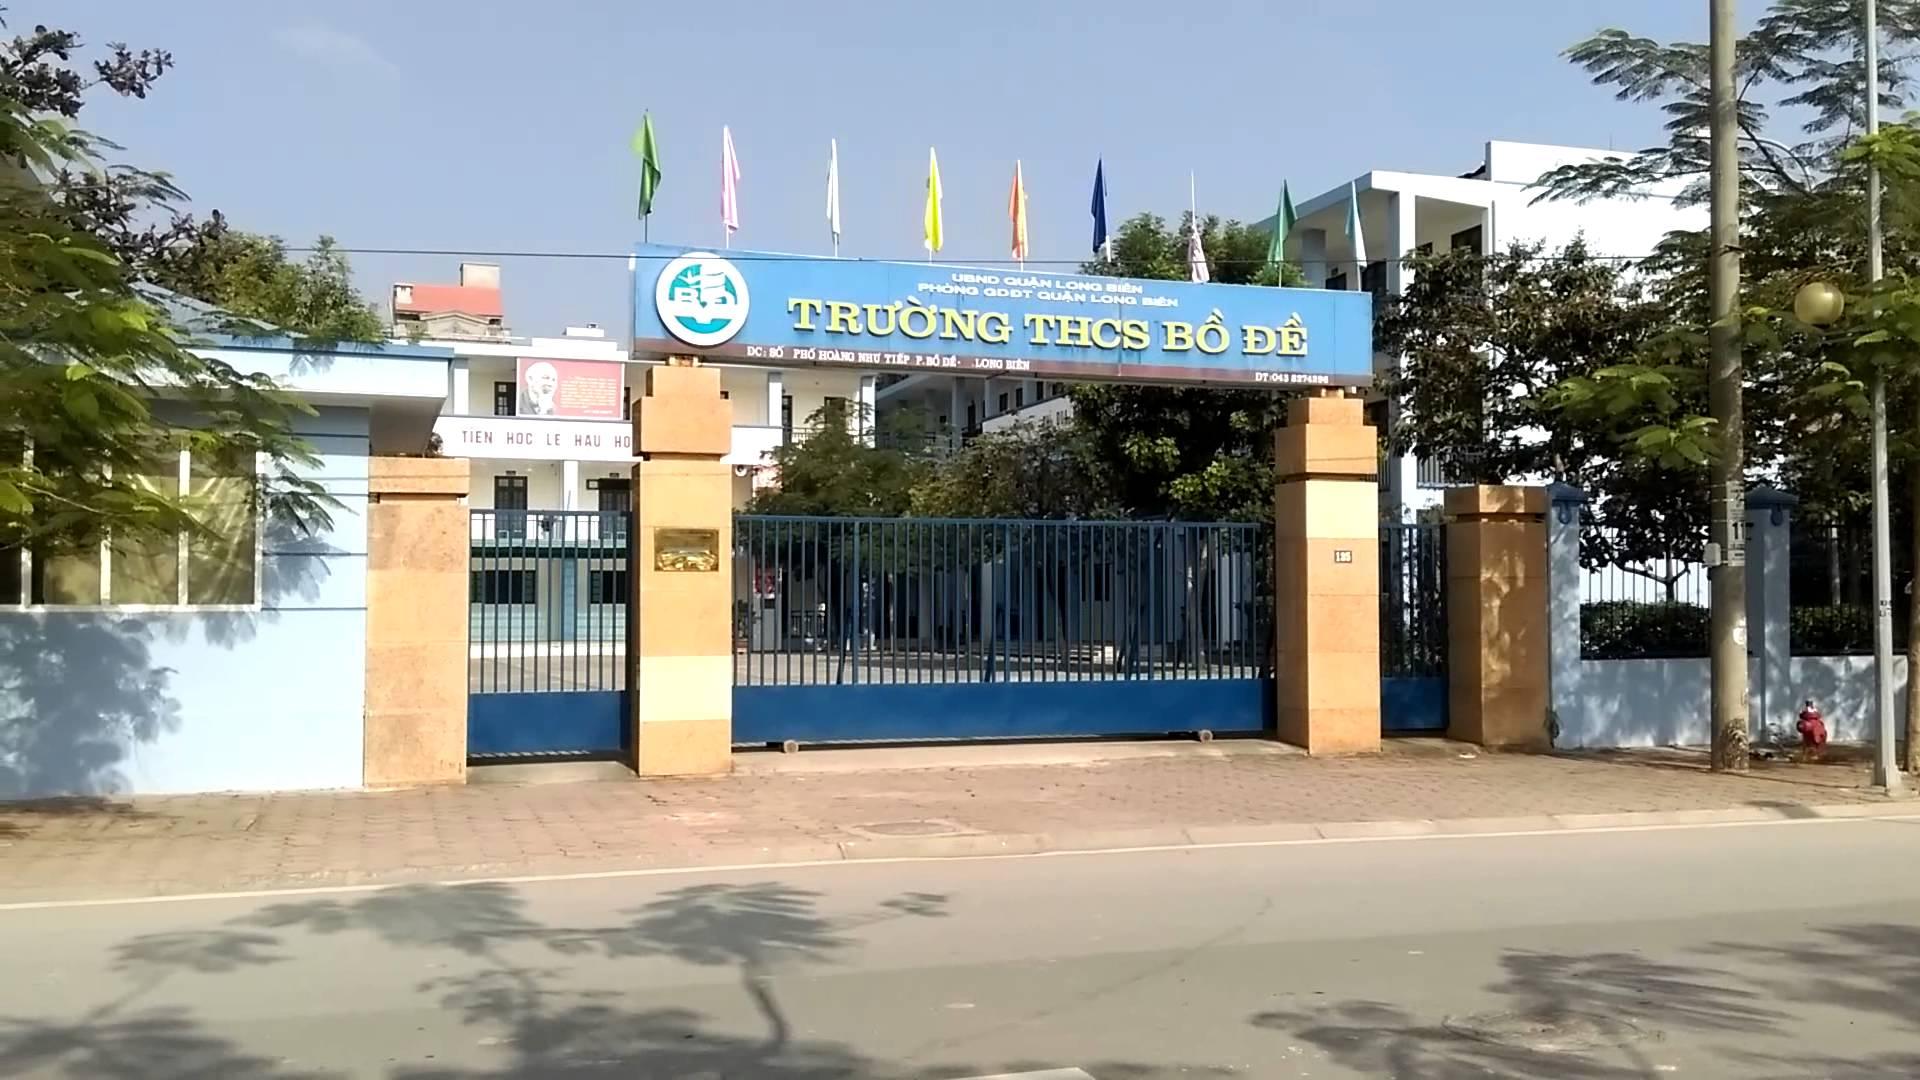 Bồ Đề - Trường THCS công lập quận Long Biên, Hà Nội (Ảnh: YouTube)